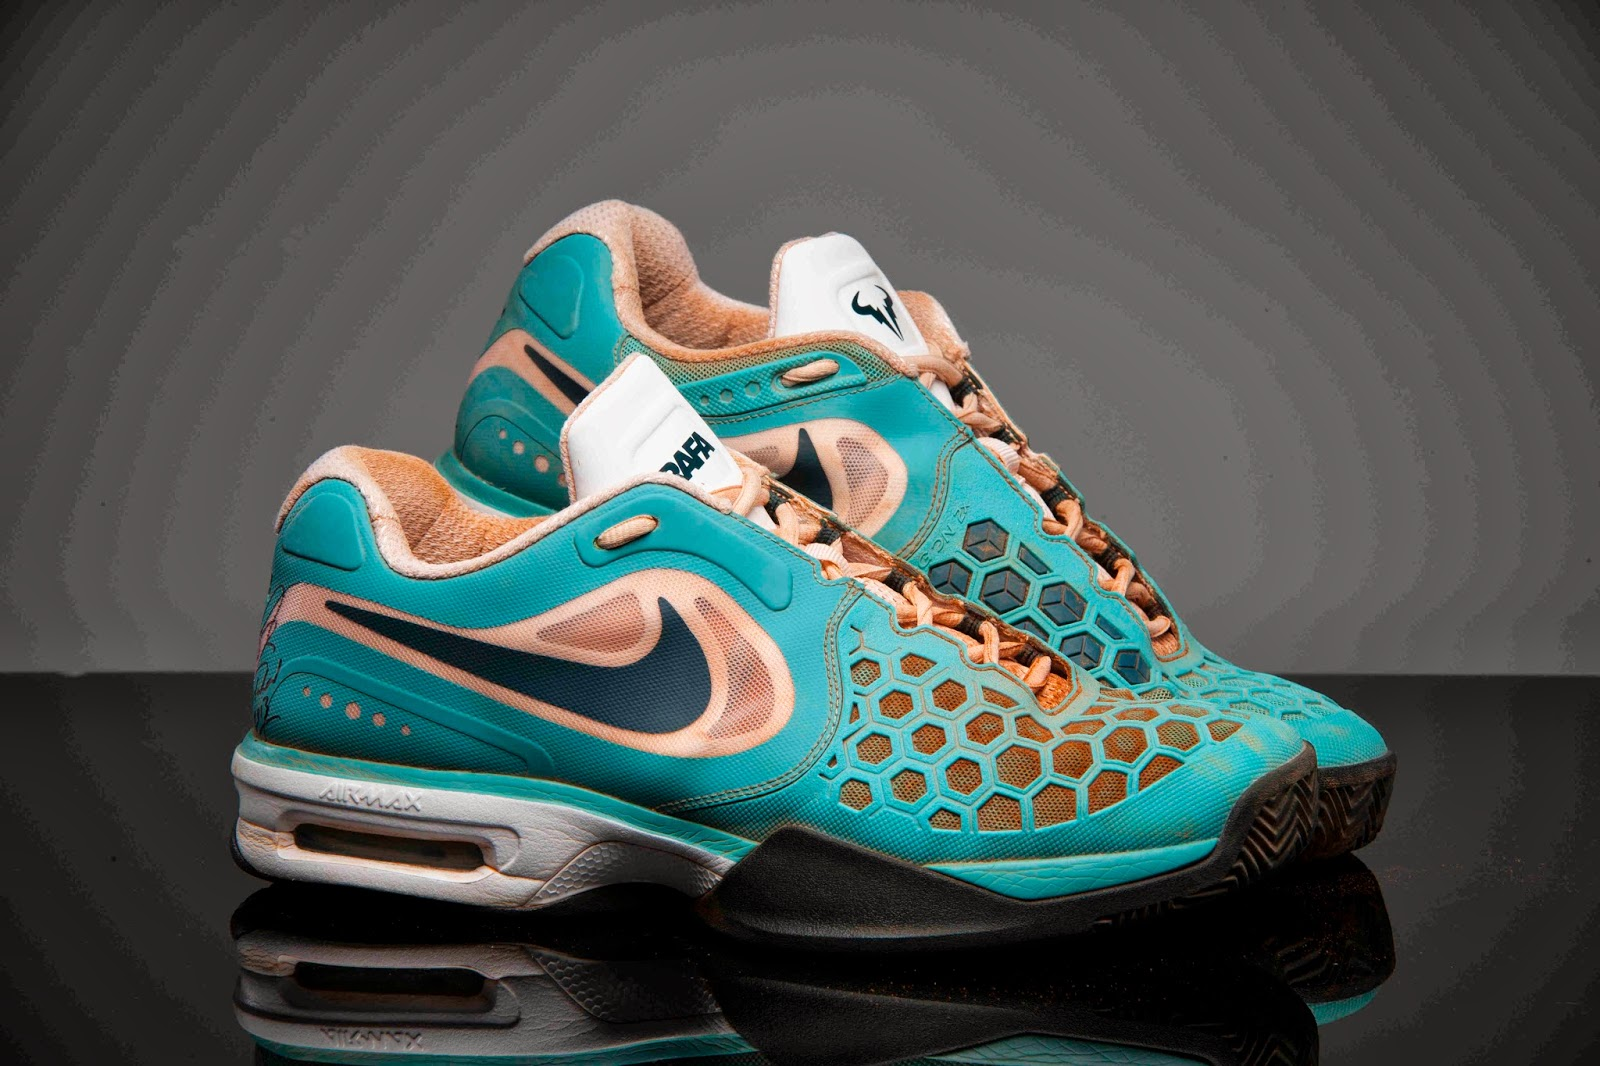 Rafaholics Com Rafa Nadal Donates Tennis Shoes For Charity